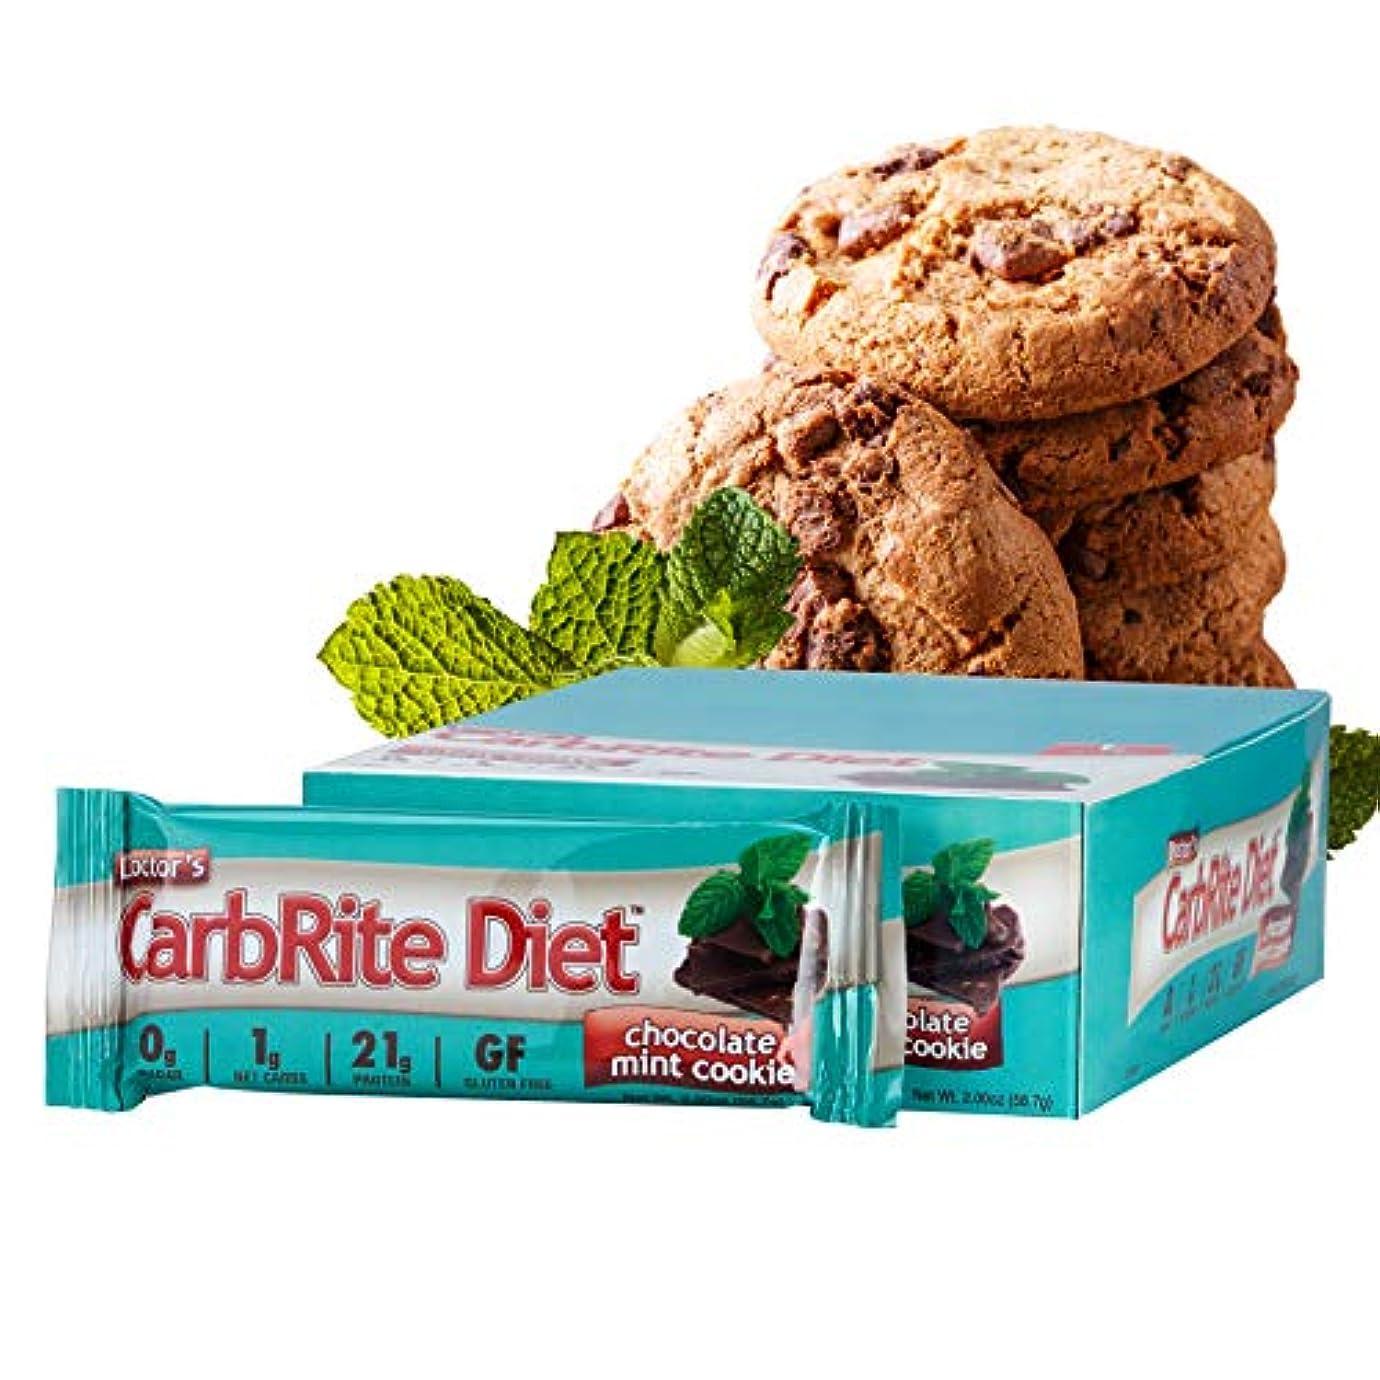 早い砂の作物ドクターズダイエット?カーボライト?バー?チョコレートミントクッキー 12本